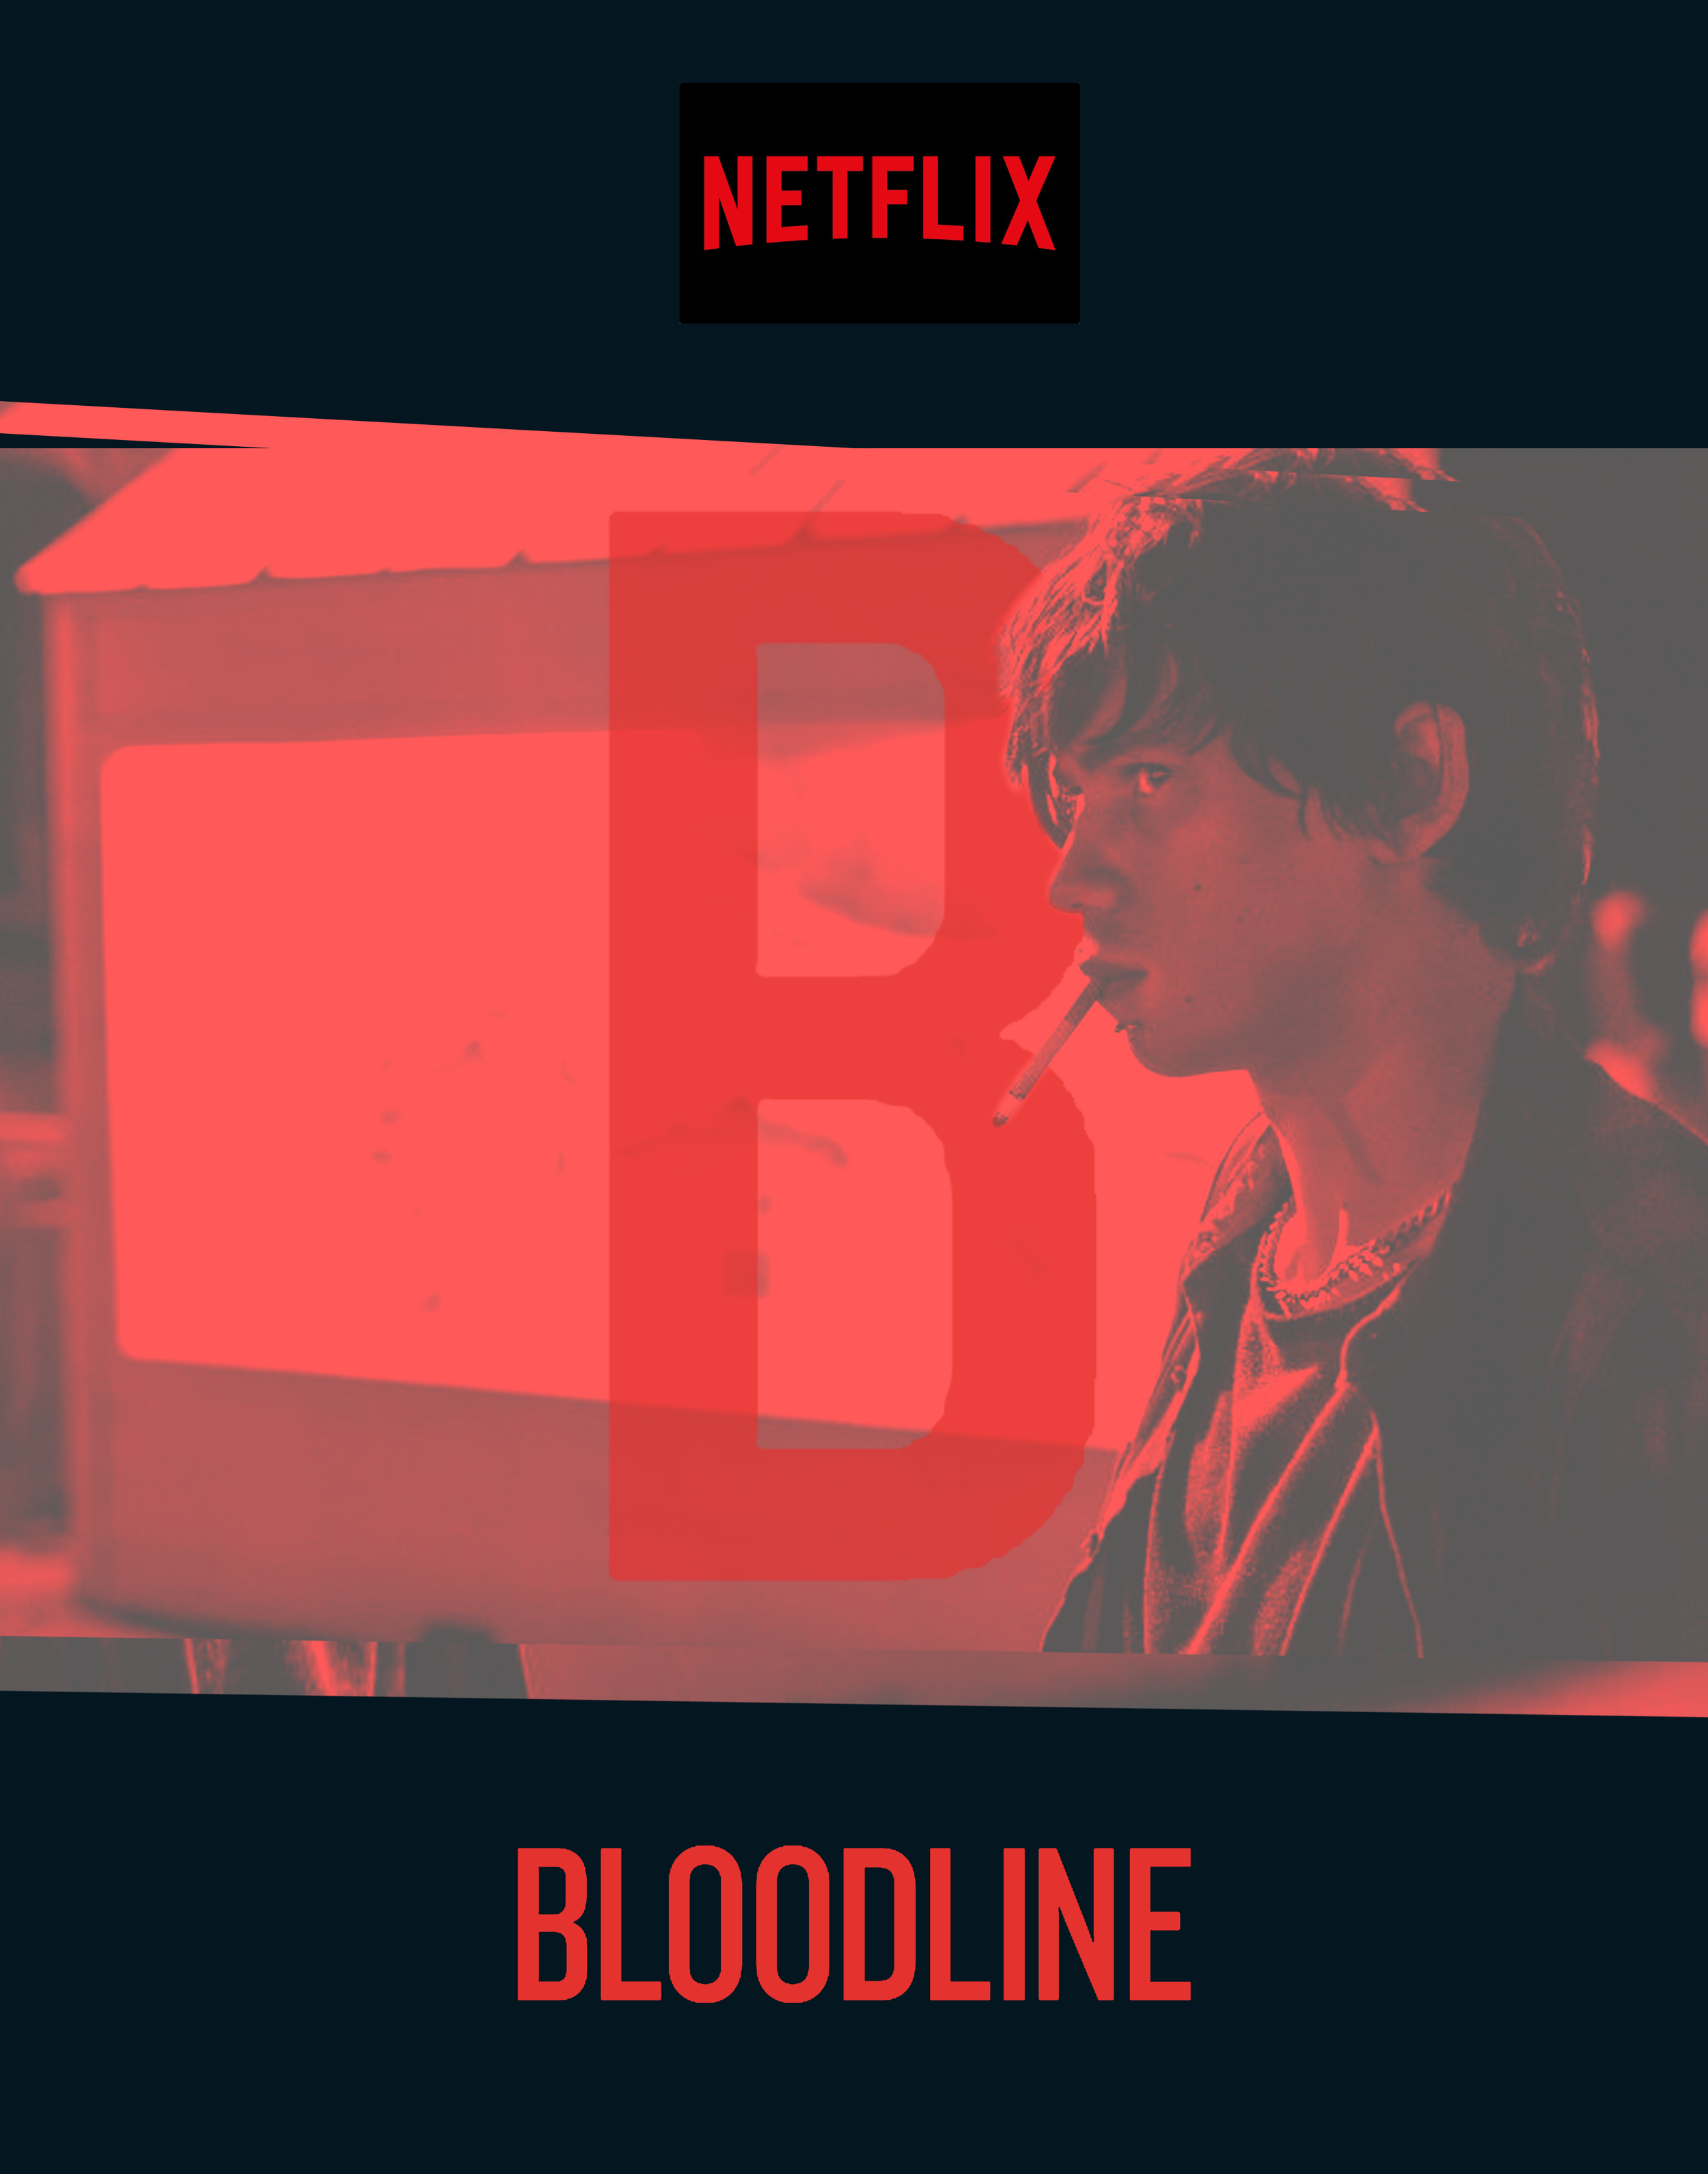 Netflix_bloodline.png